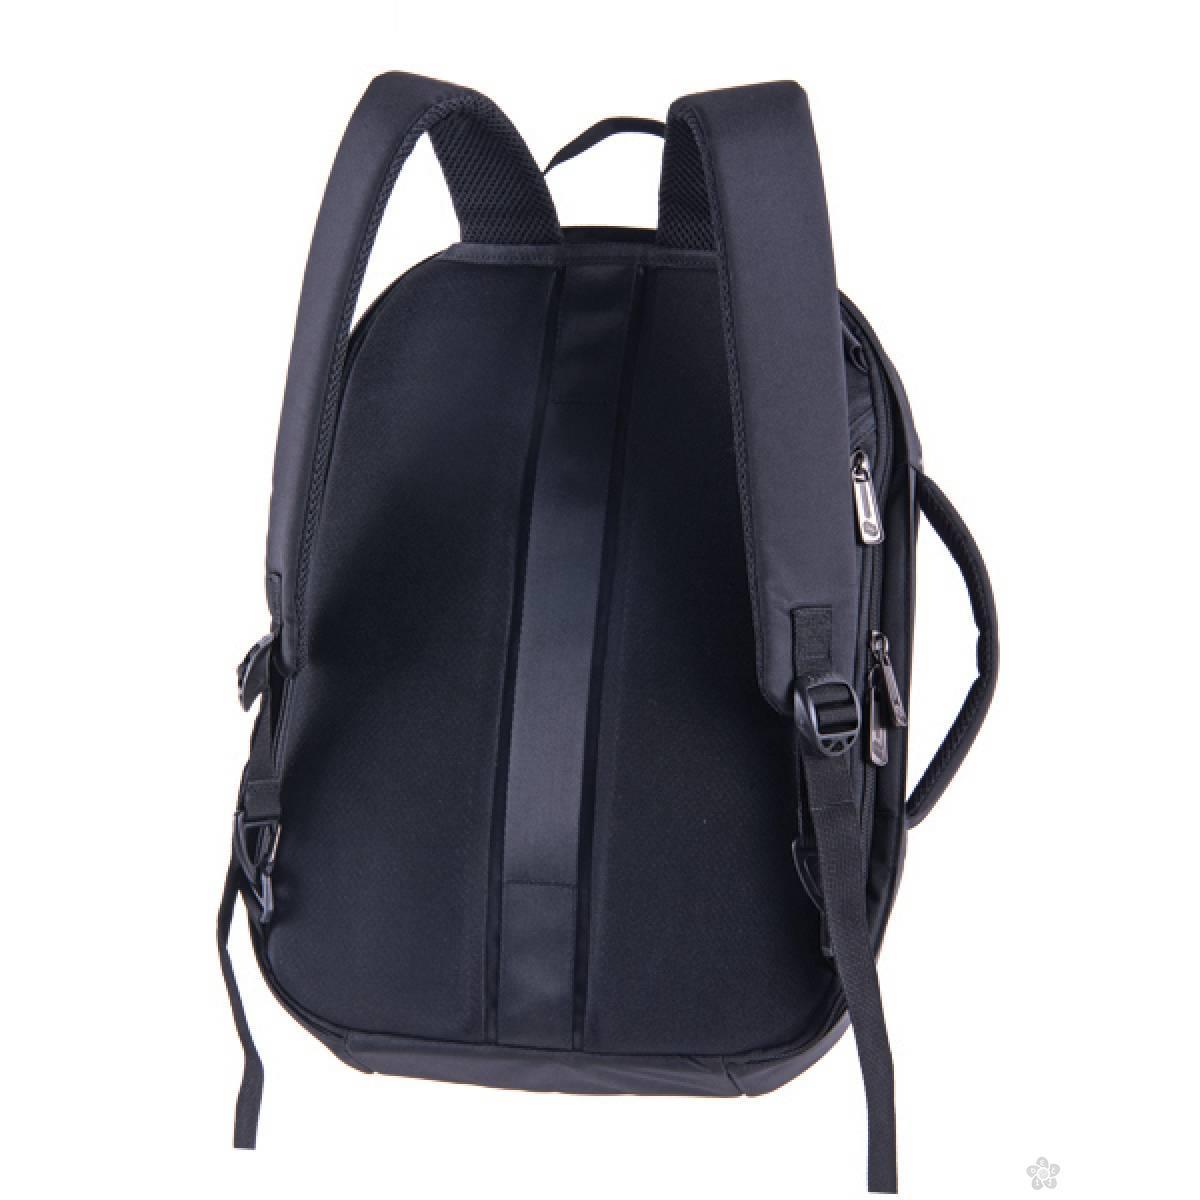 Ranac/Poslovna torba Anti Theft Shell Black 121530